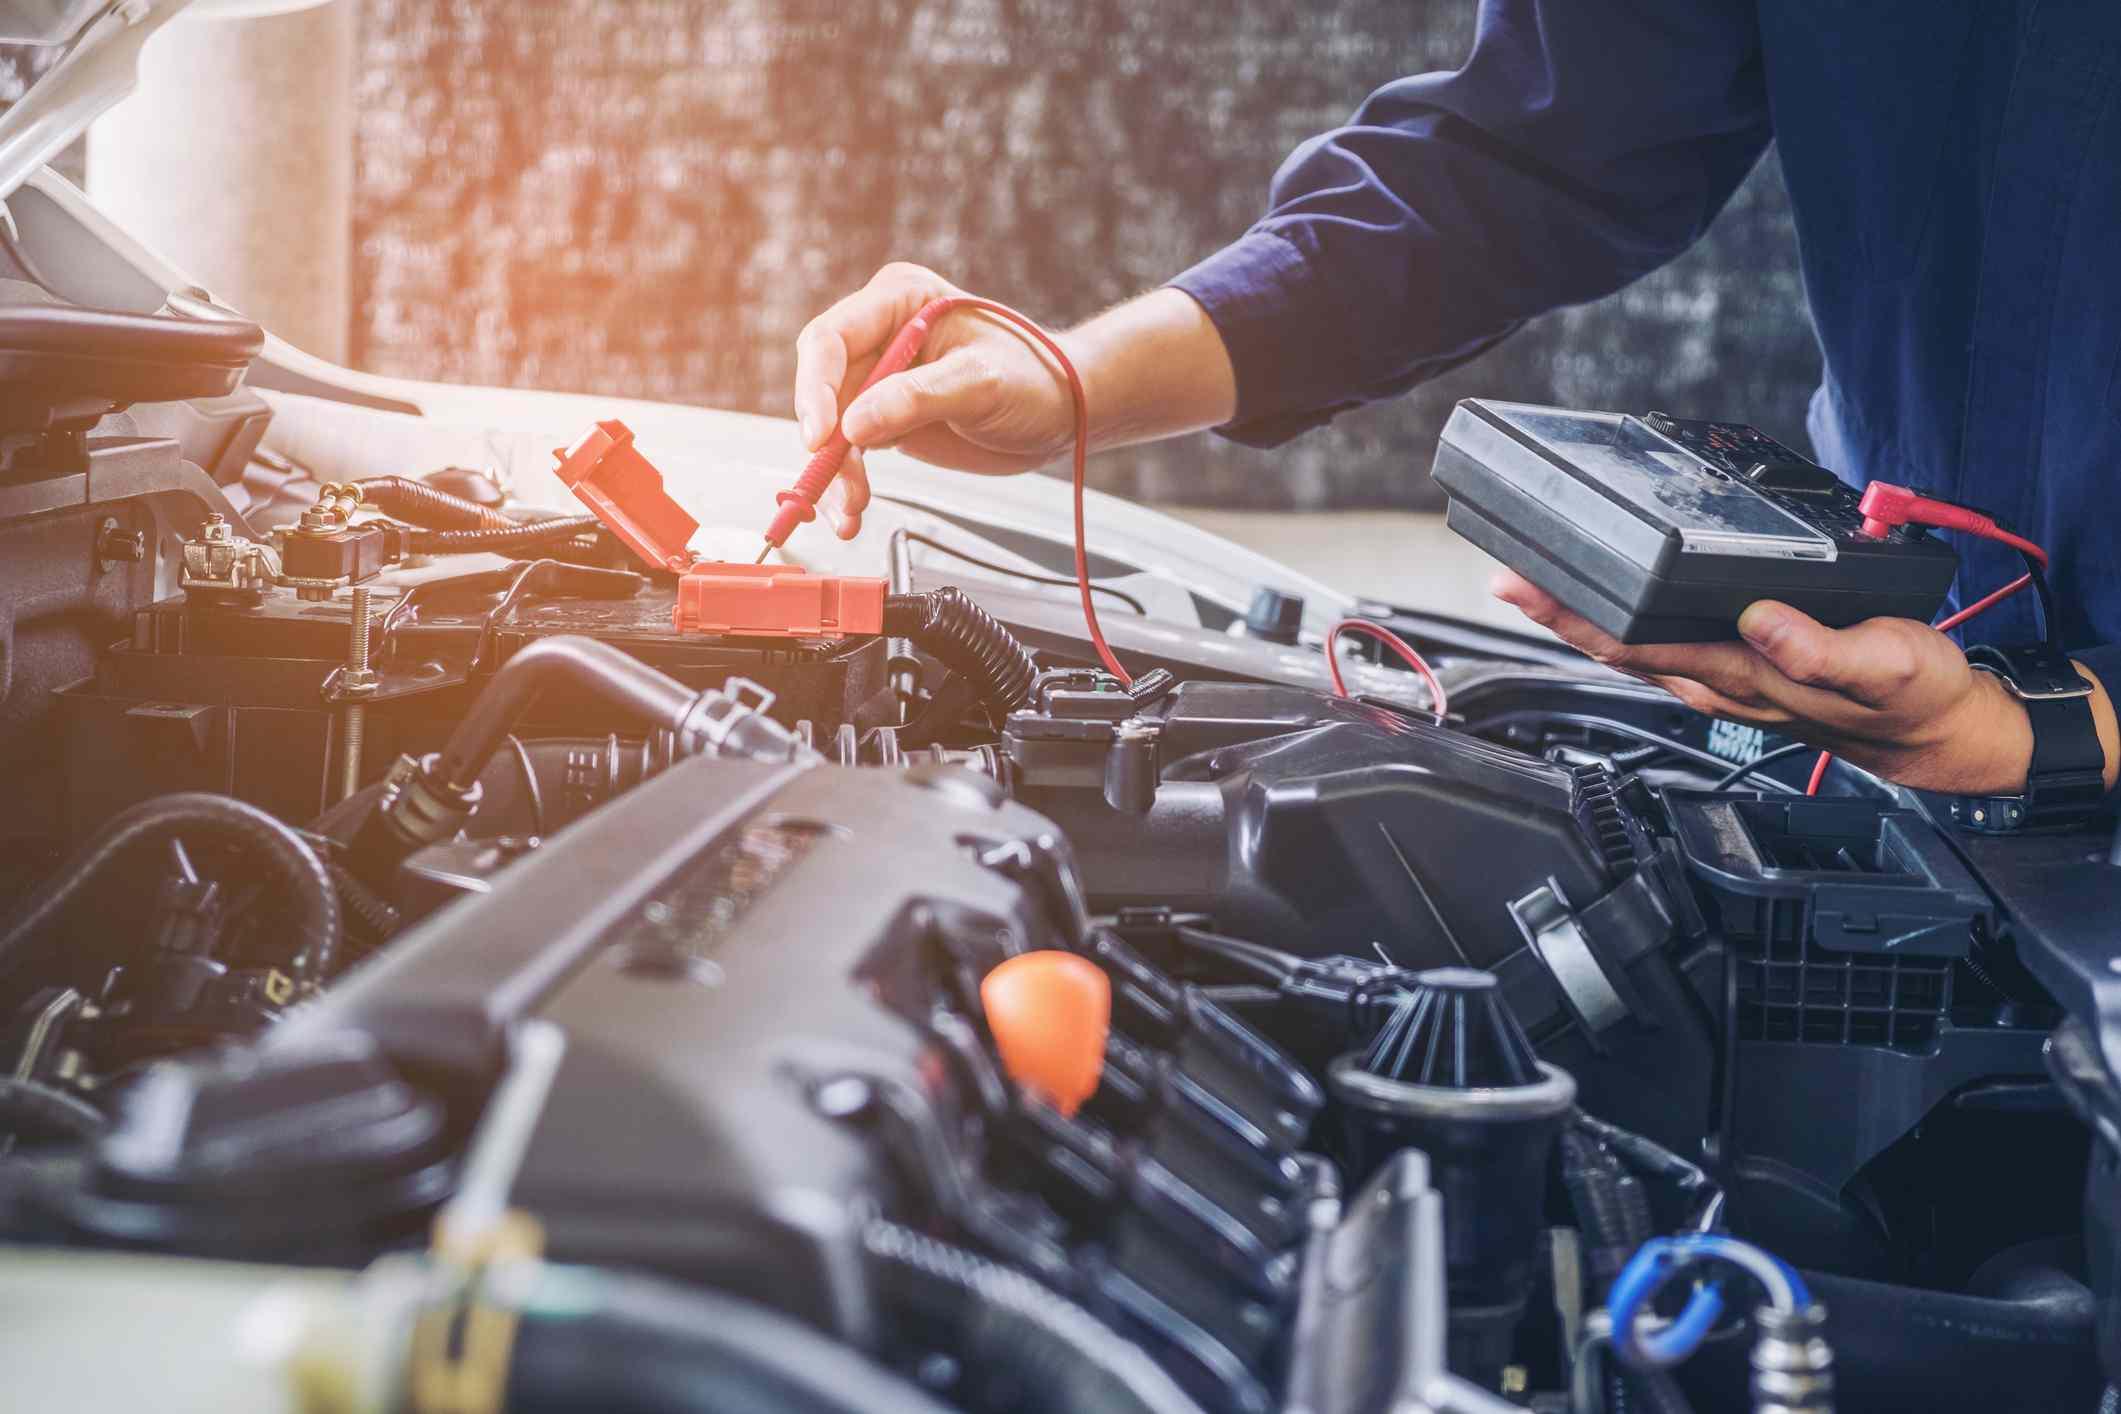 A car mechanic diagnosing a car engine.